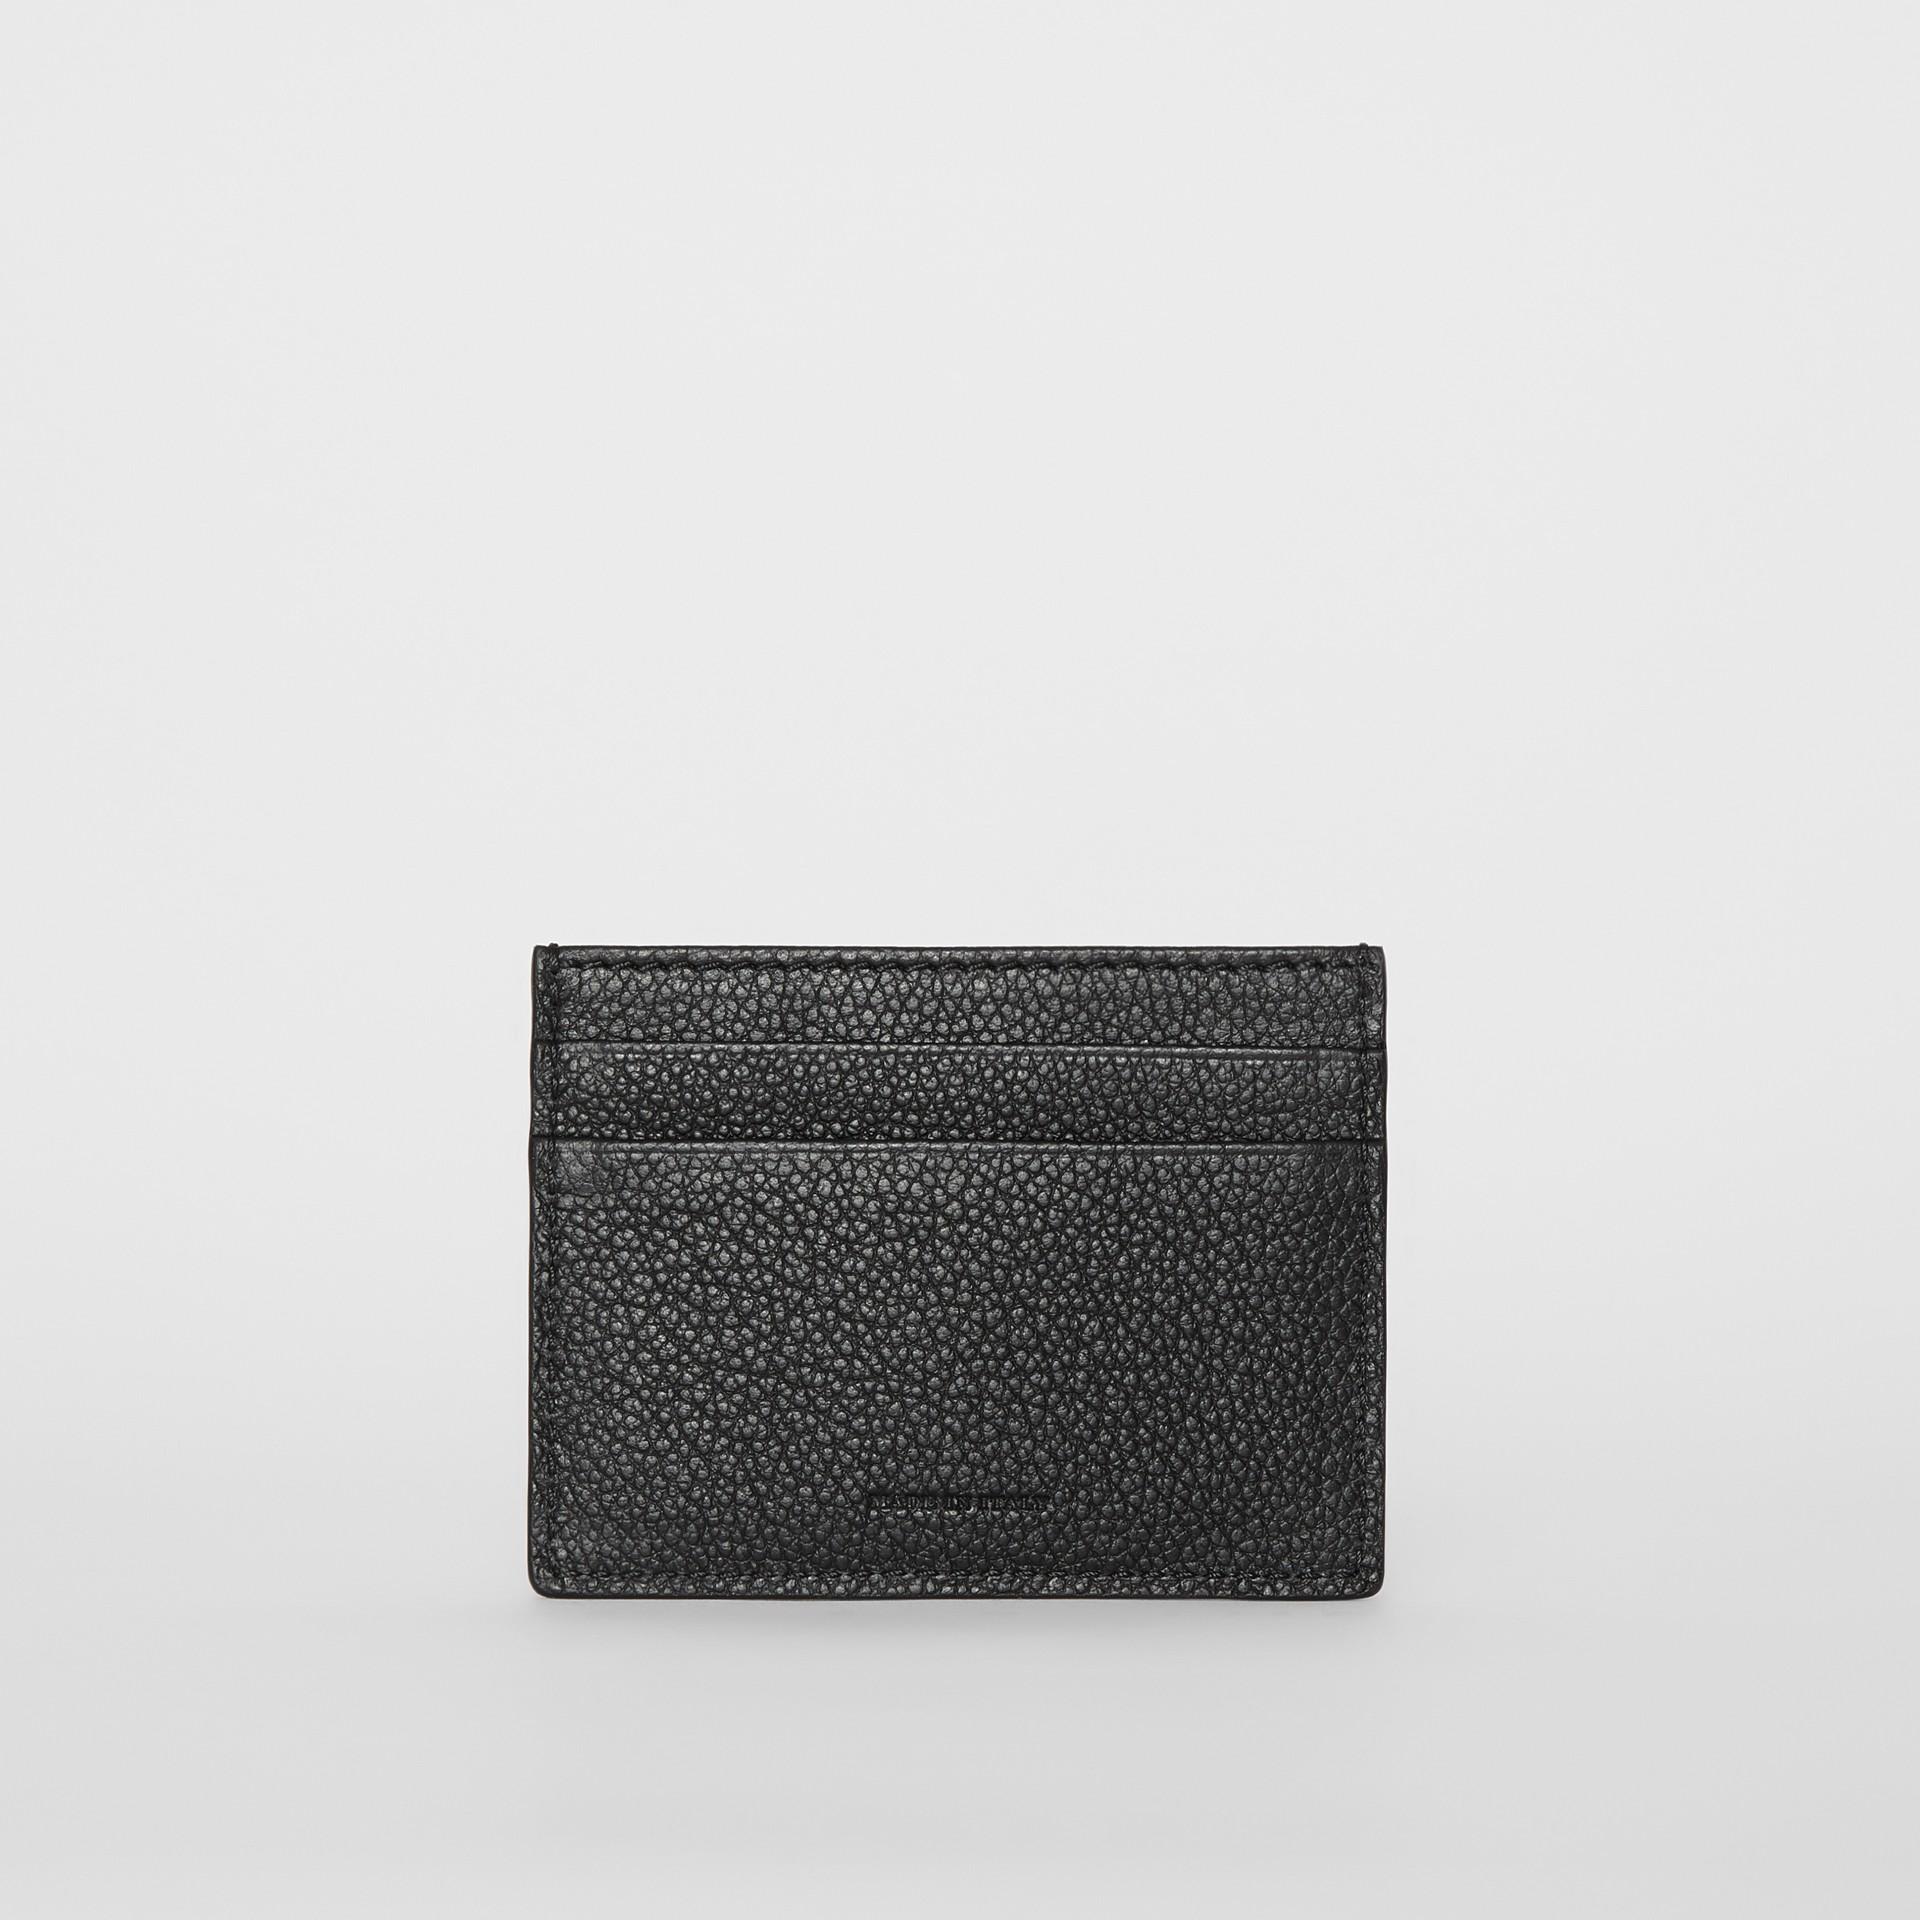 グレイニーレザー カードケース (ブラック) | バーバリー - ギャラリーイメージ 4